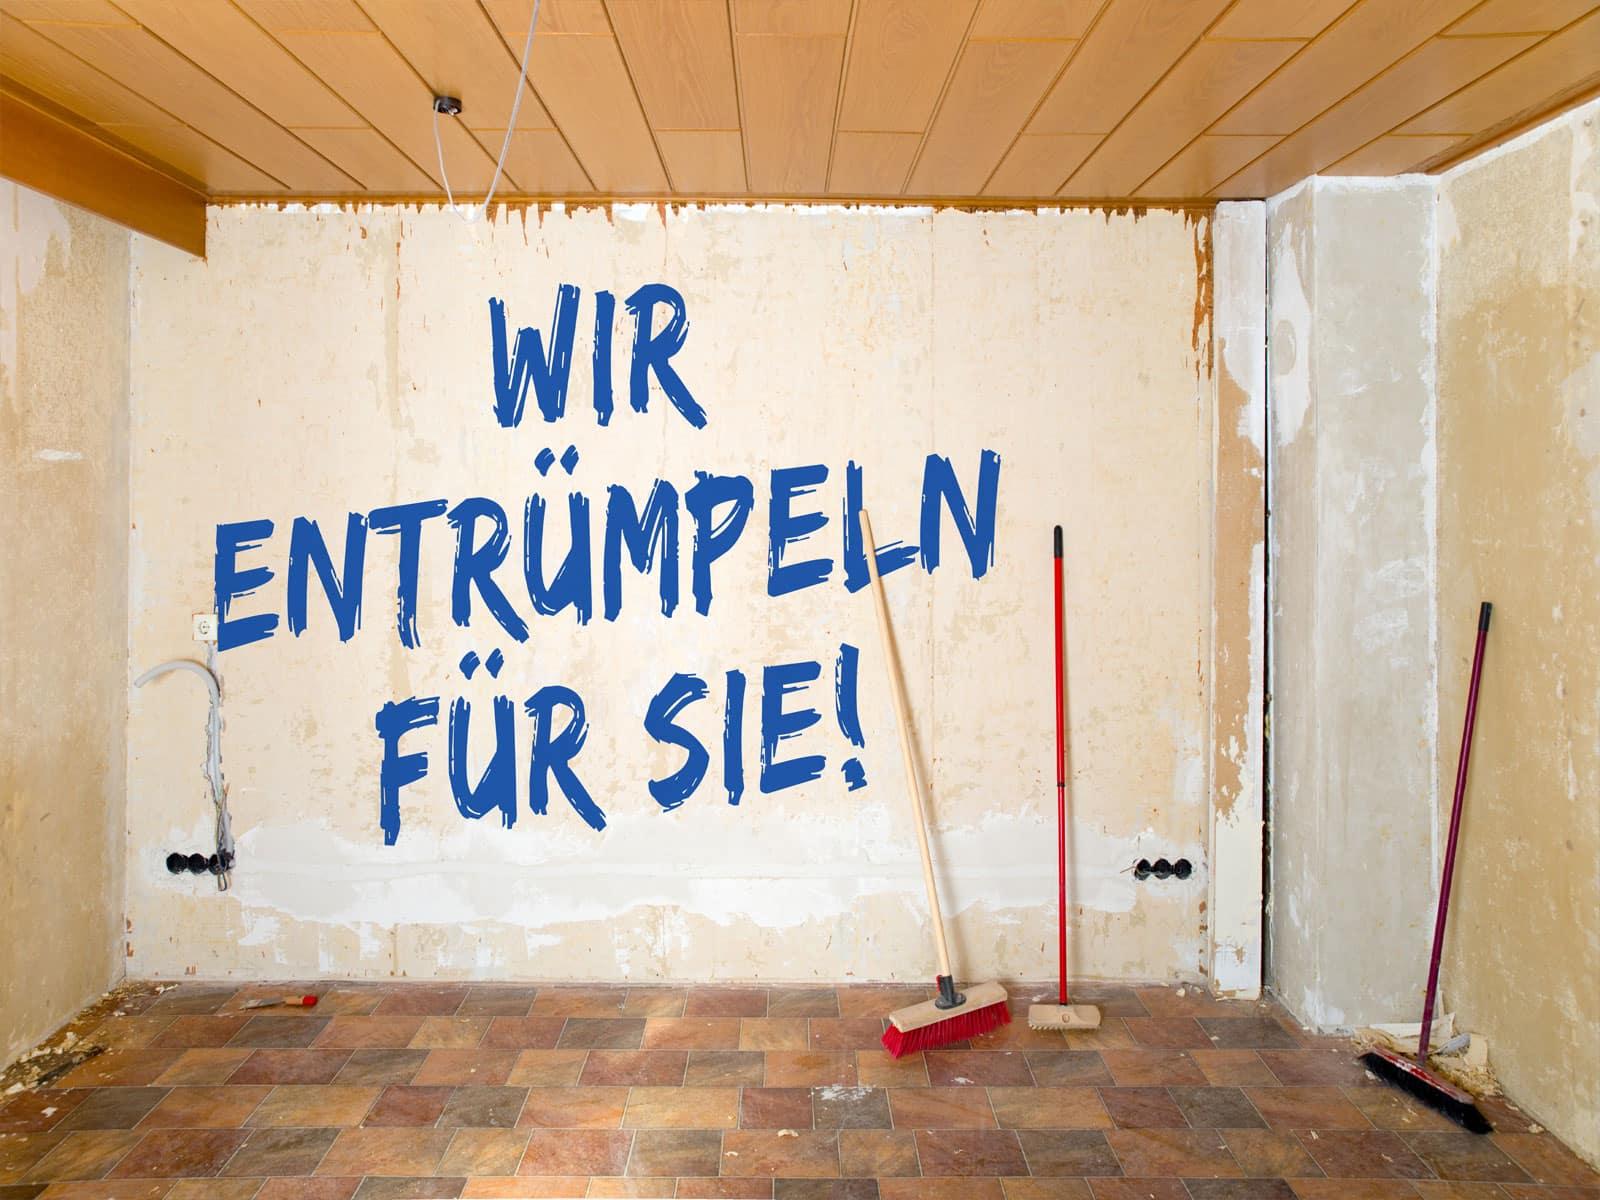 Afallentsorgung Augsburg Entrümpelung Haushaltsauflösung